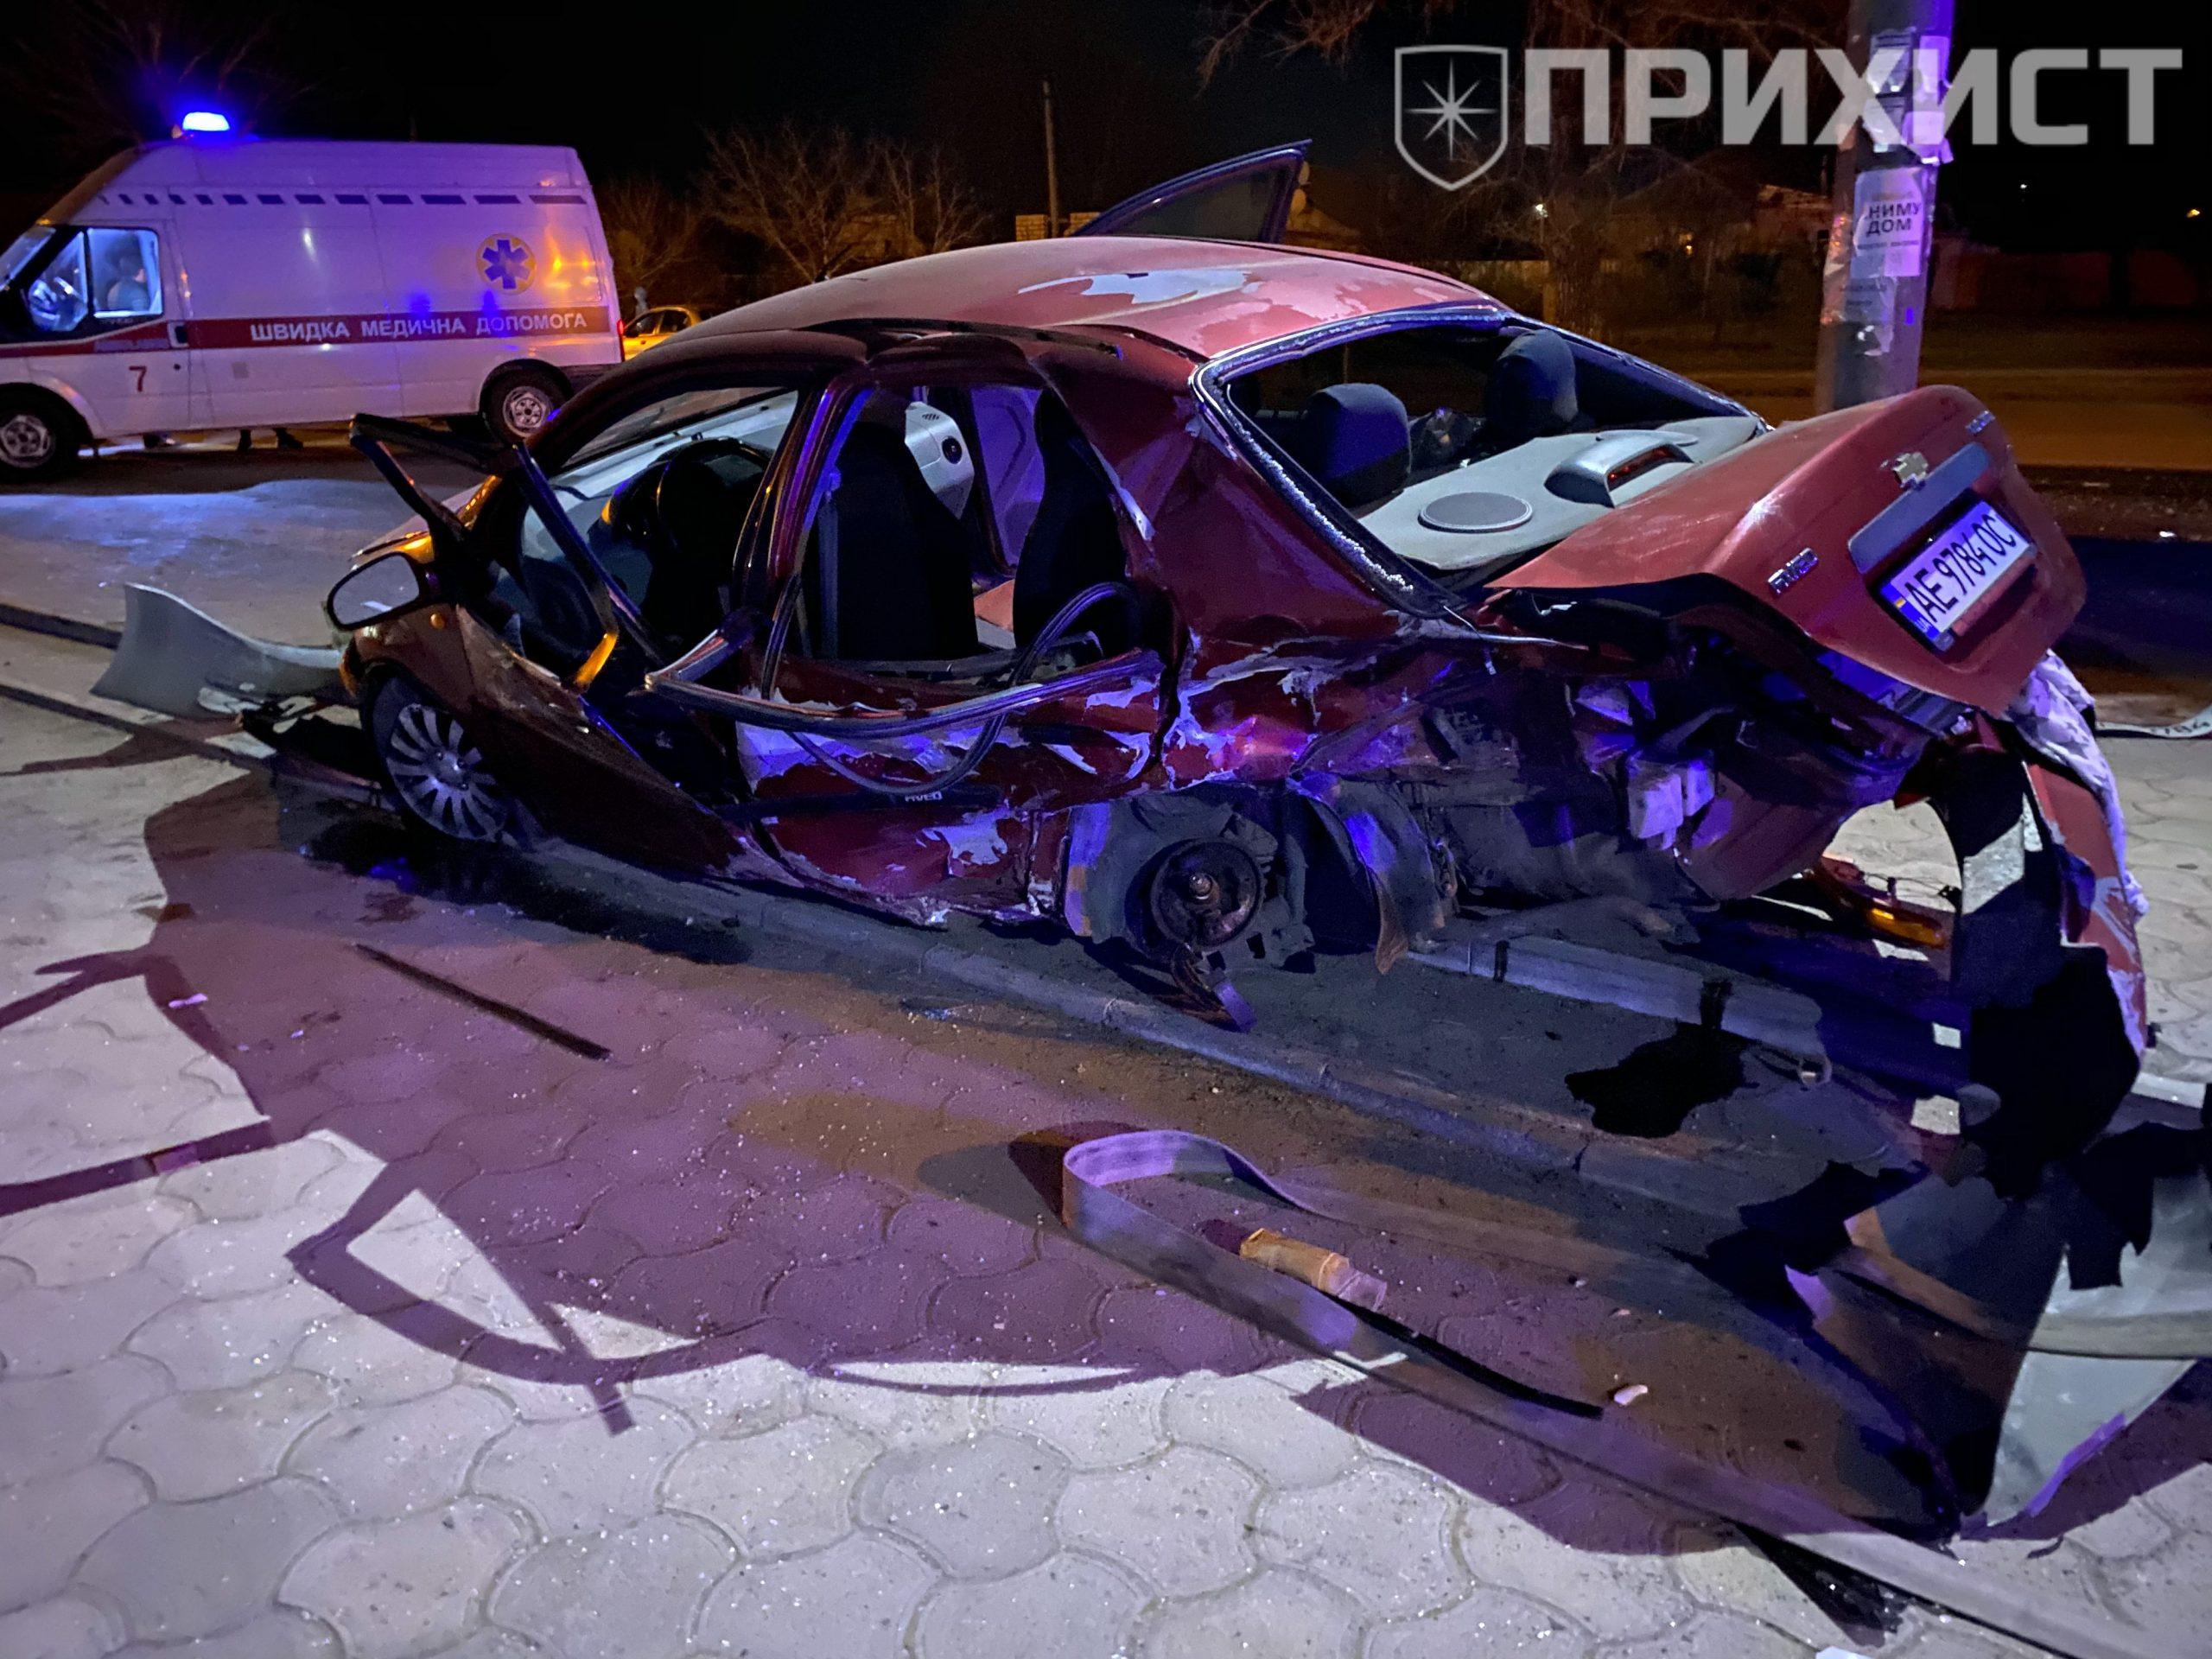 В Никополе на ул. Херсонской произошло ДТП со смертельным исходом | Прихист